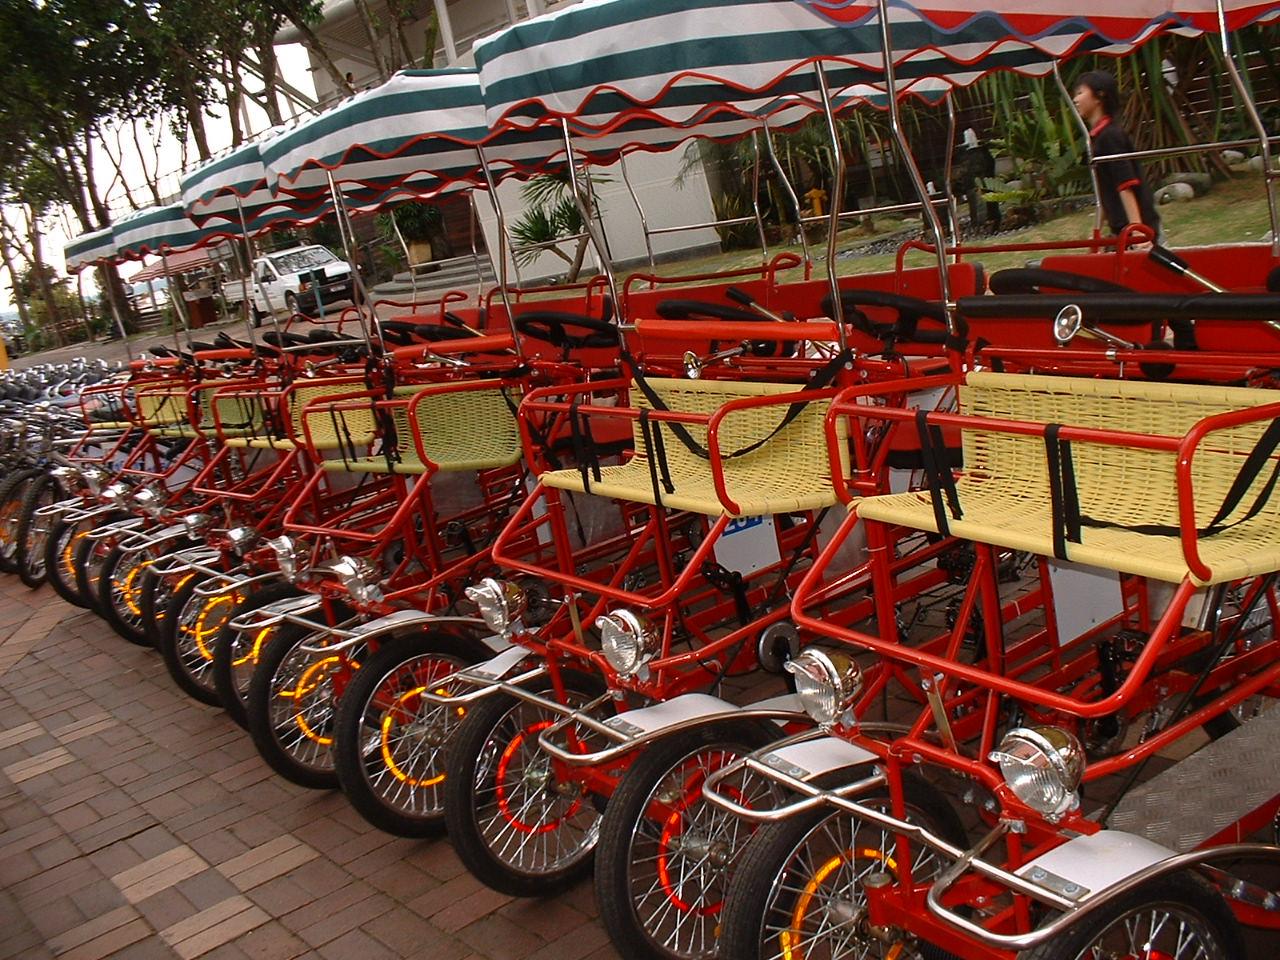 danga bay in jb - danga bay game shop & bicycle